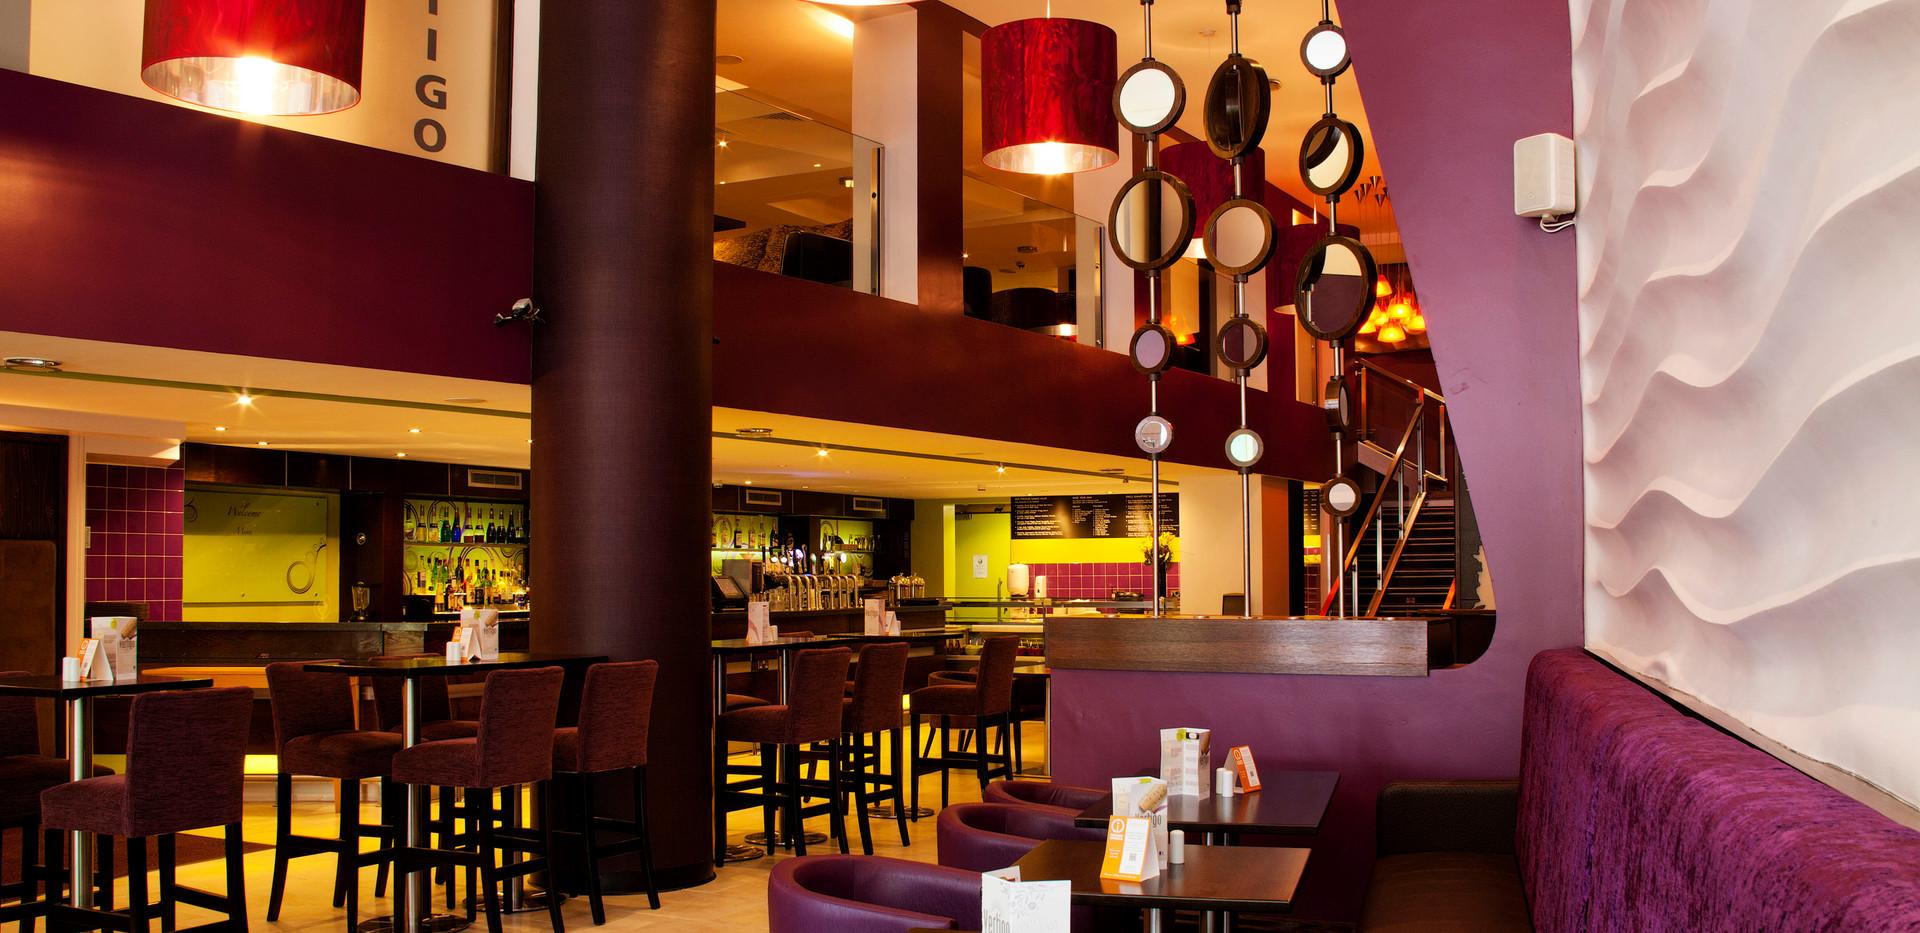 Vertigo Bar with View of Stairs.jpg